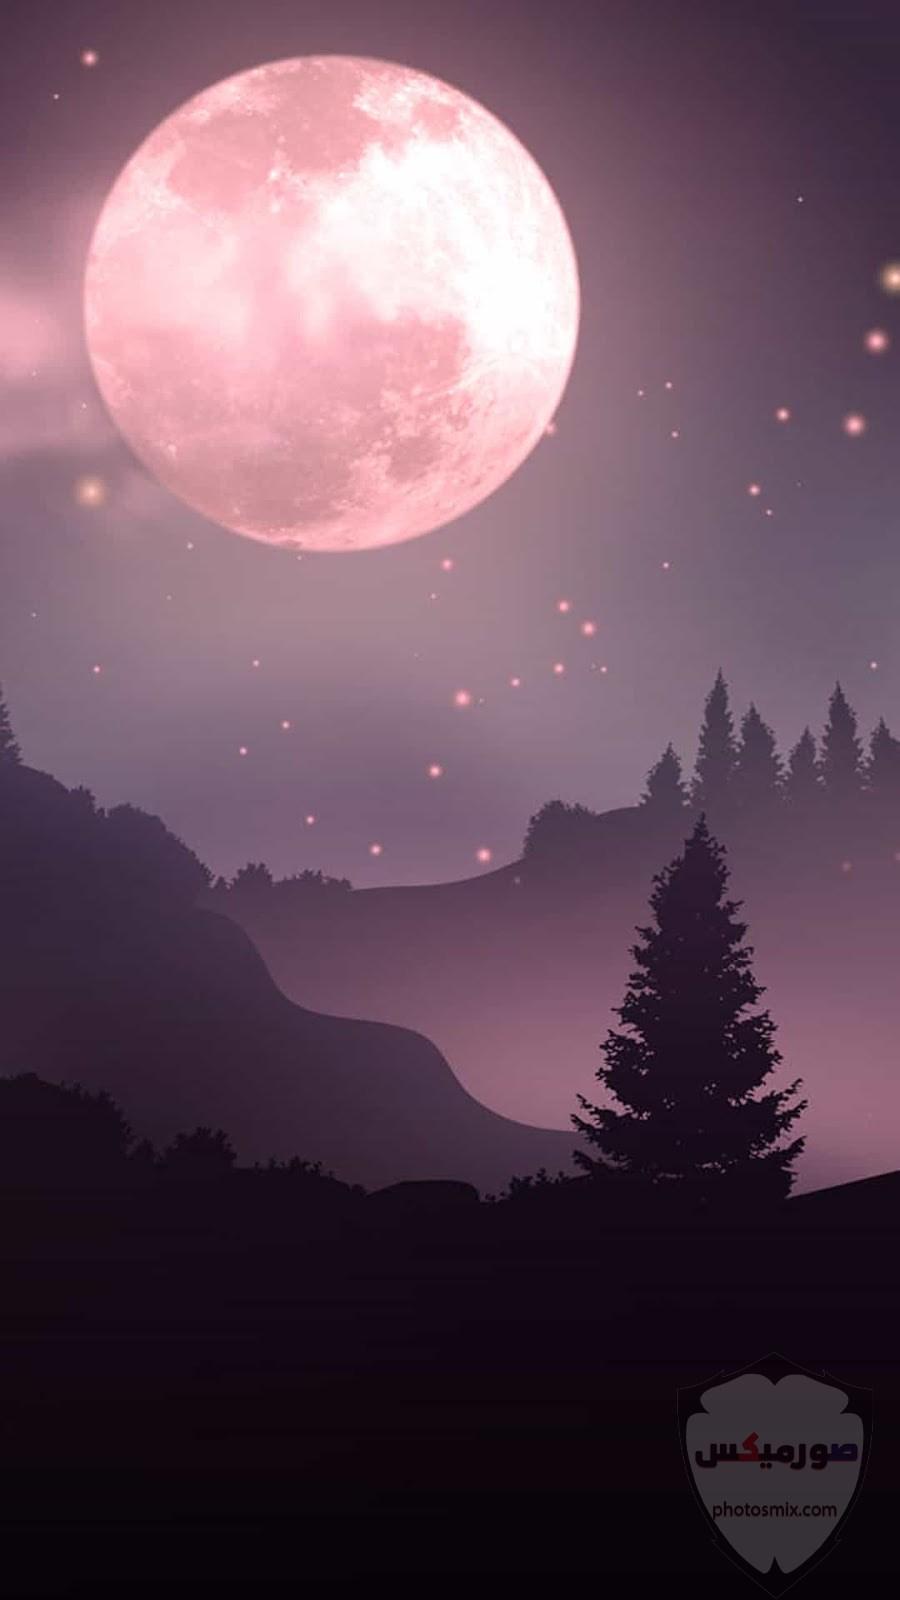 صور القمر والسماء والنجوم خلفيات للقمر والبدر والهلال عالية الجودة 8